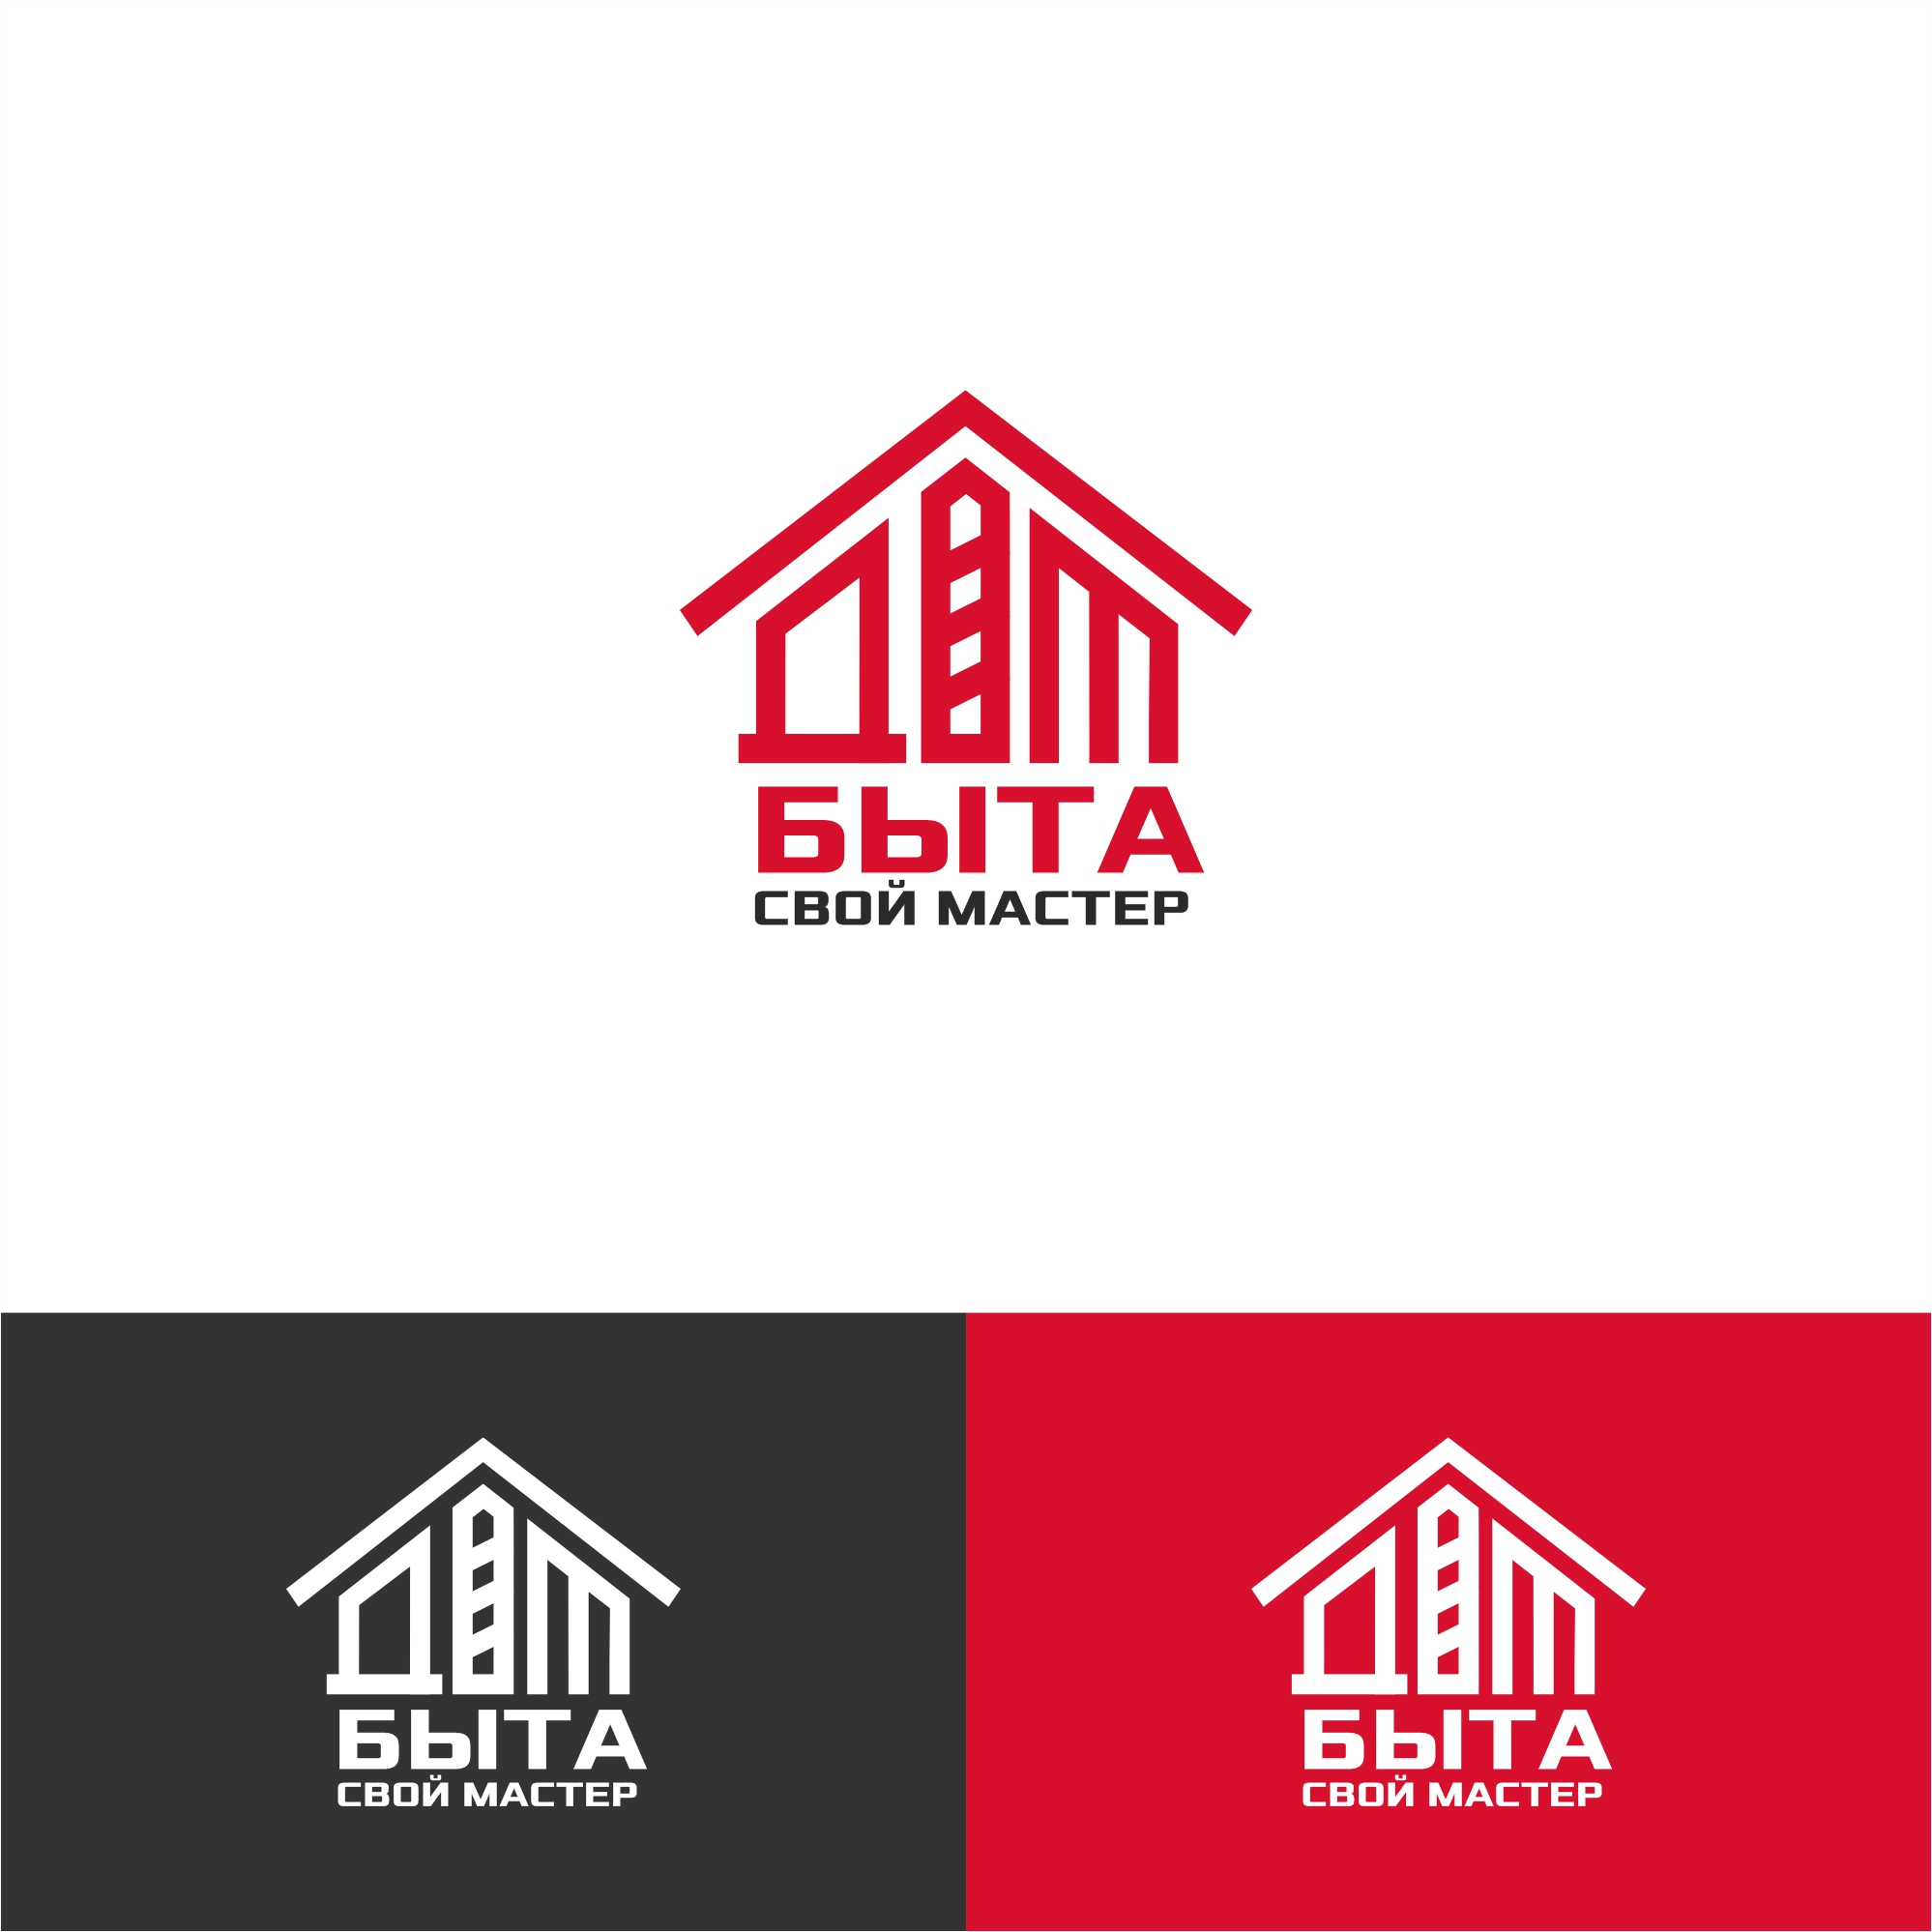 Логотип для сетевого ДОМ БЫТА фото f_6445d7d46e97d901.jpg